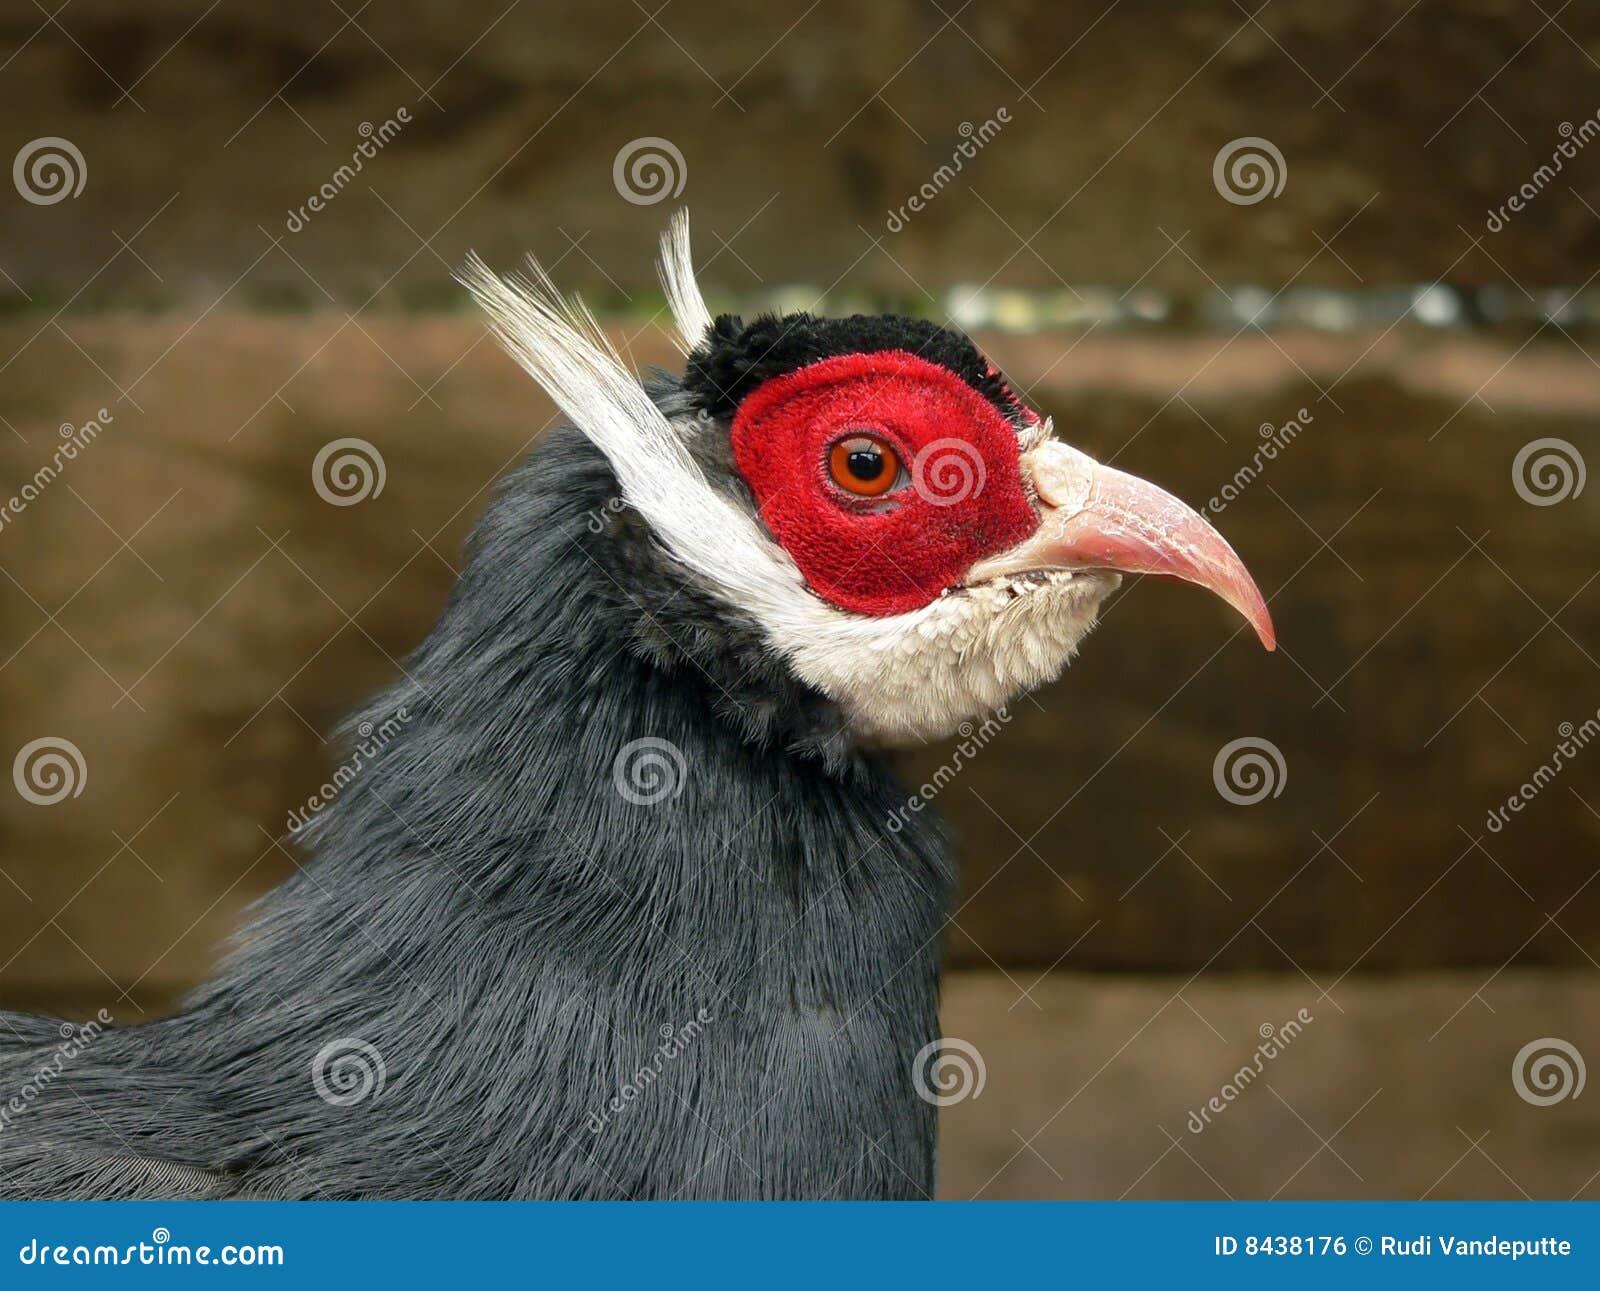 Head of a Blue Eared-Pheasant